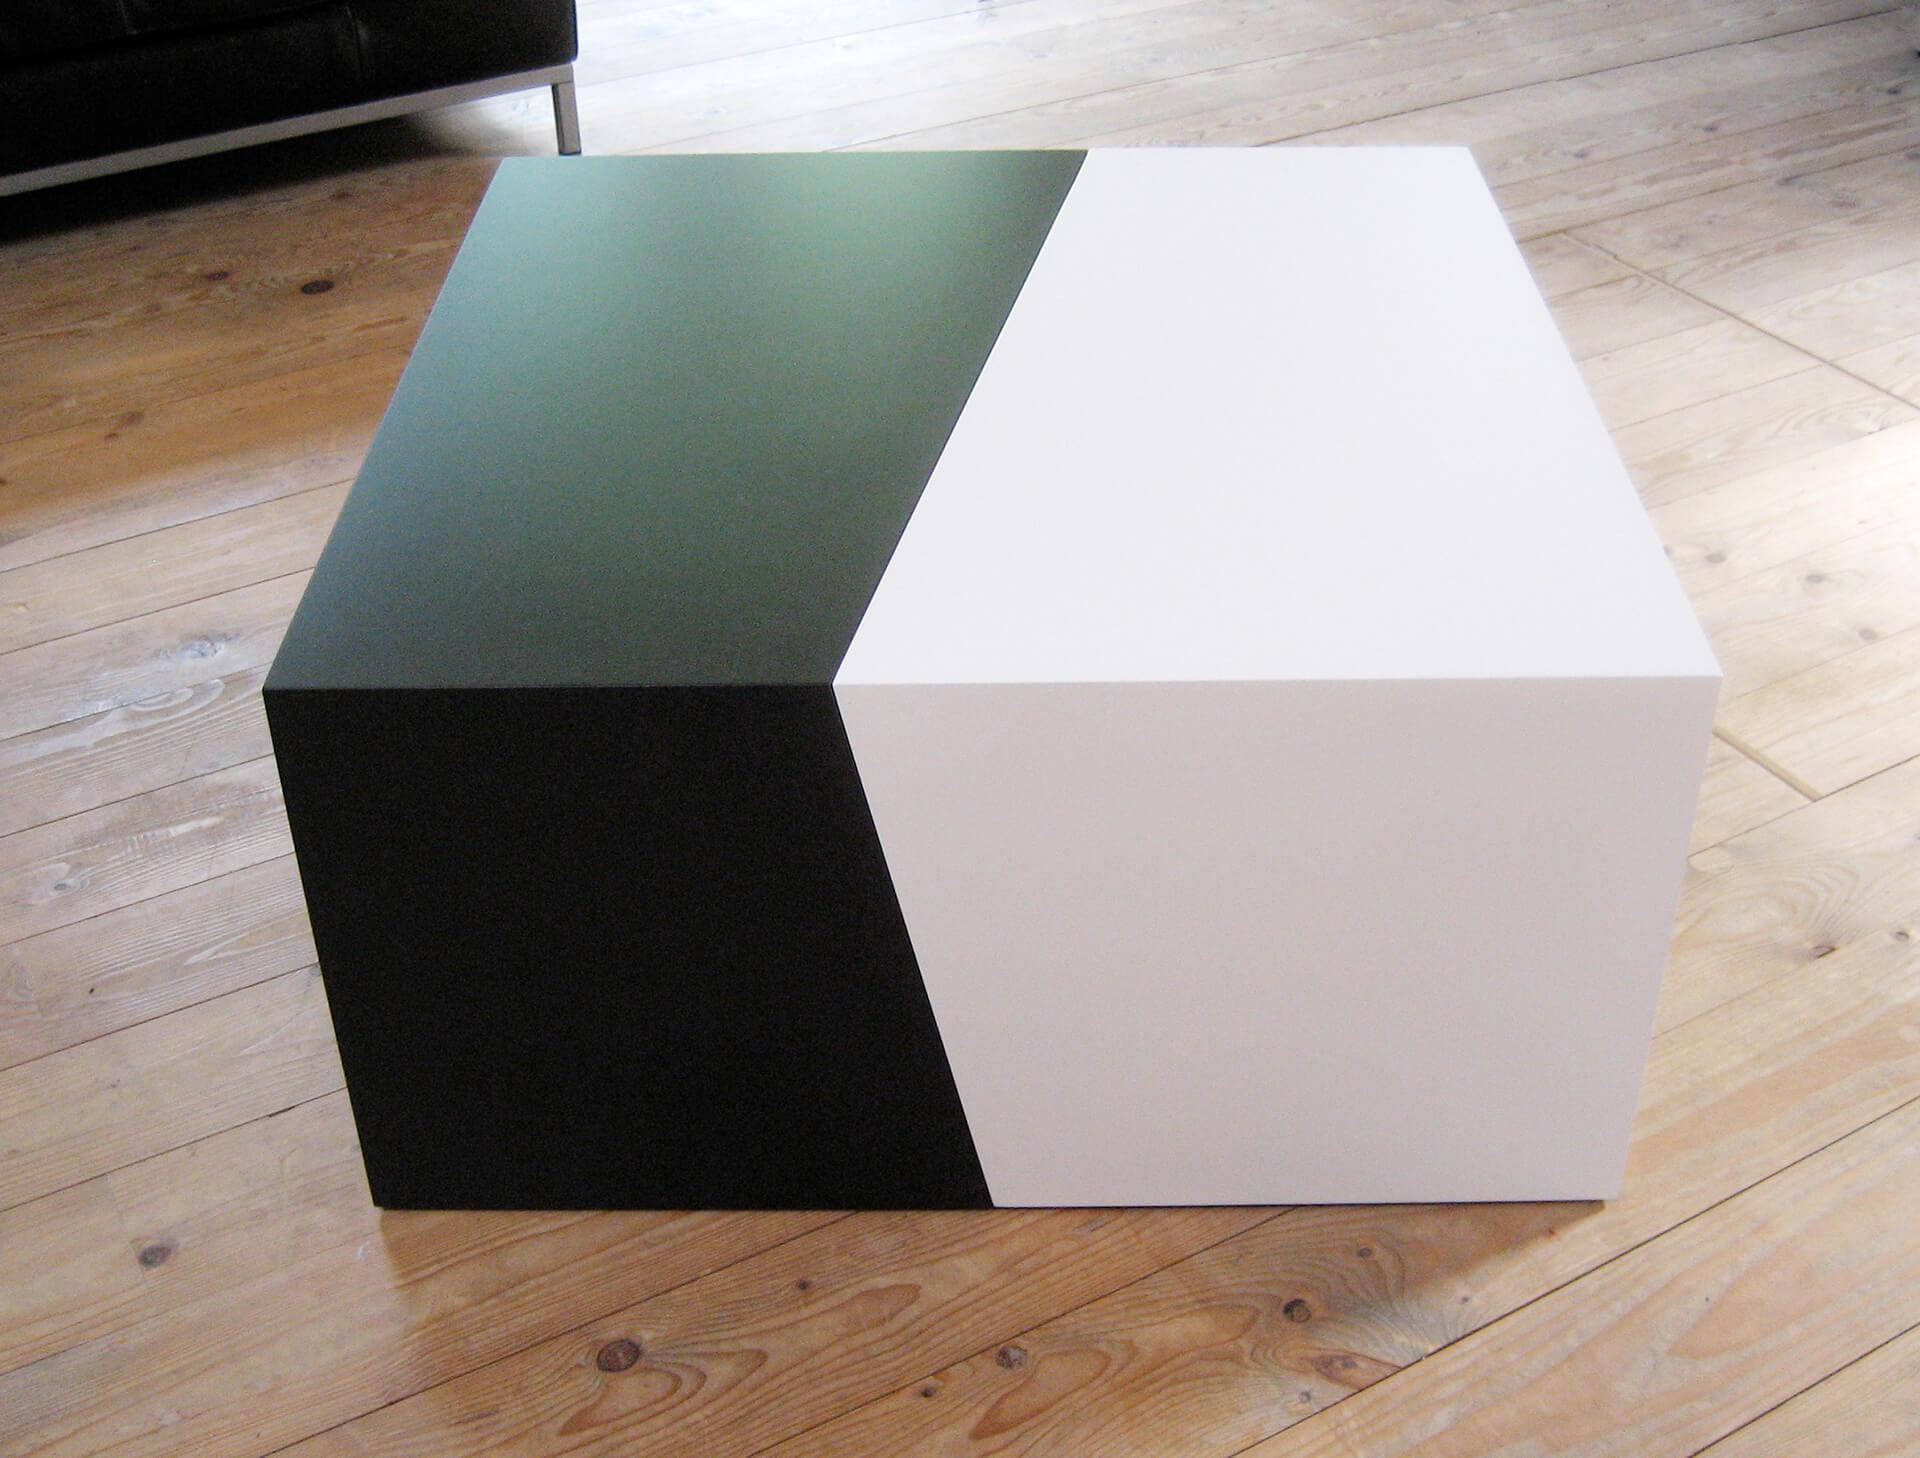 CUBI Tisch in Schwarz und Weiß.